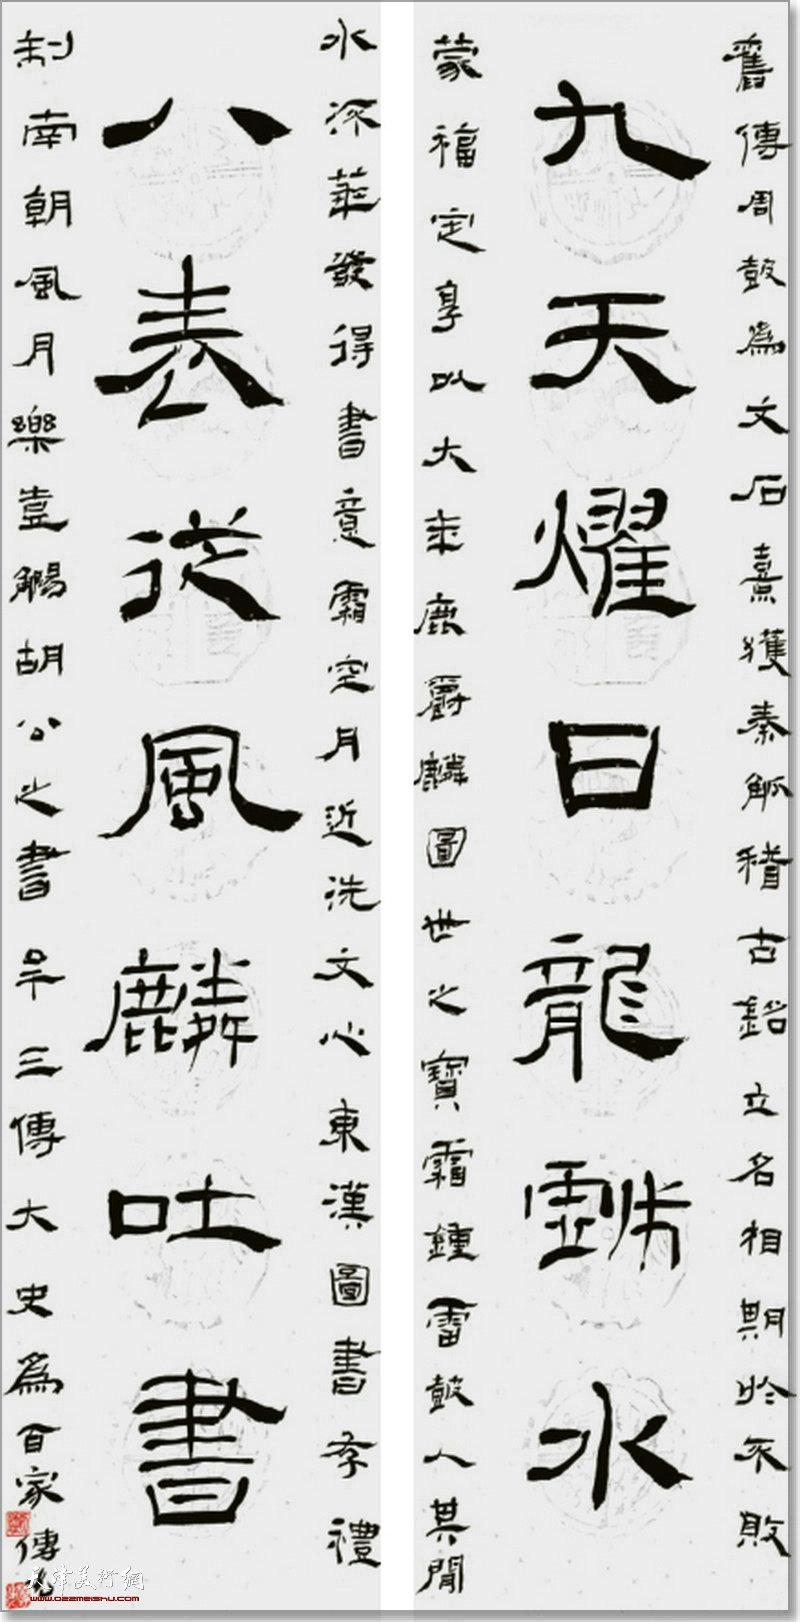 刘传光作品:九天耀日龙戏水